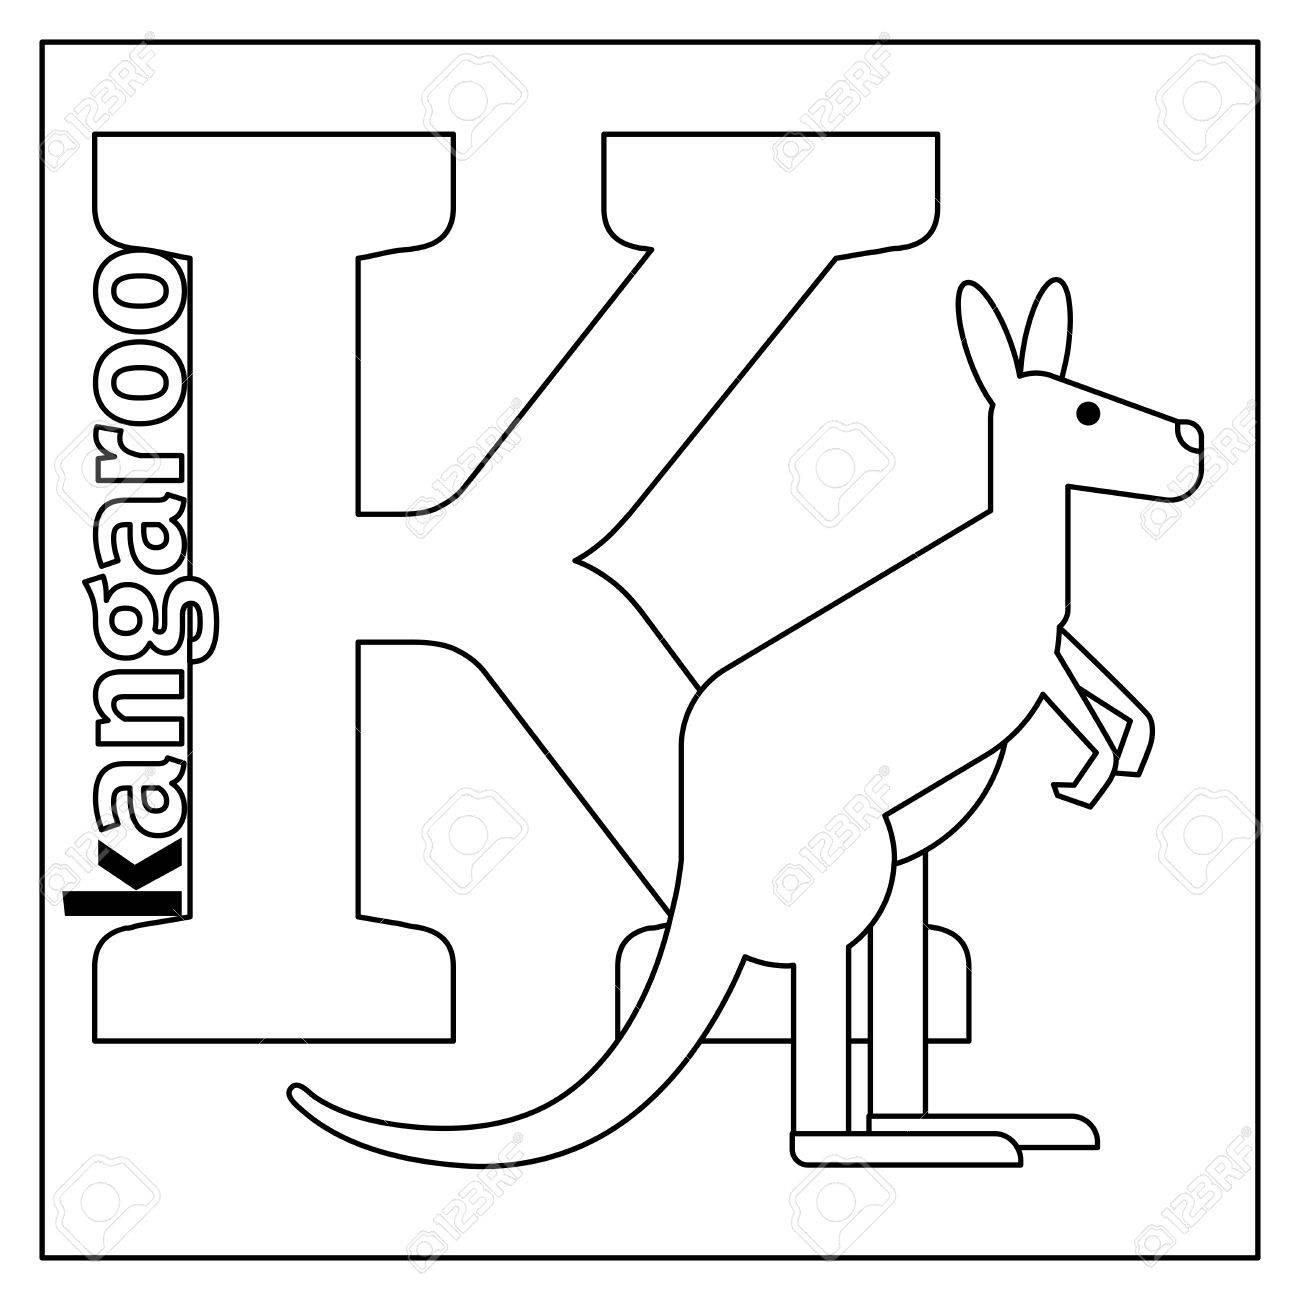 Malvorlage Oder Karte Für Kinder Mit Englisch Tiere Zoo Alphabet ...